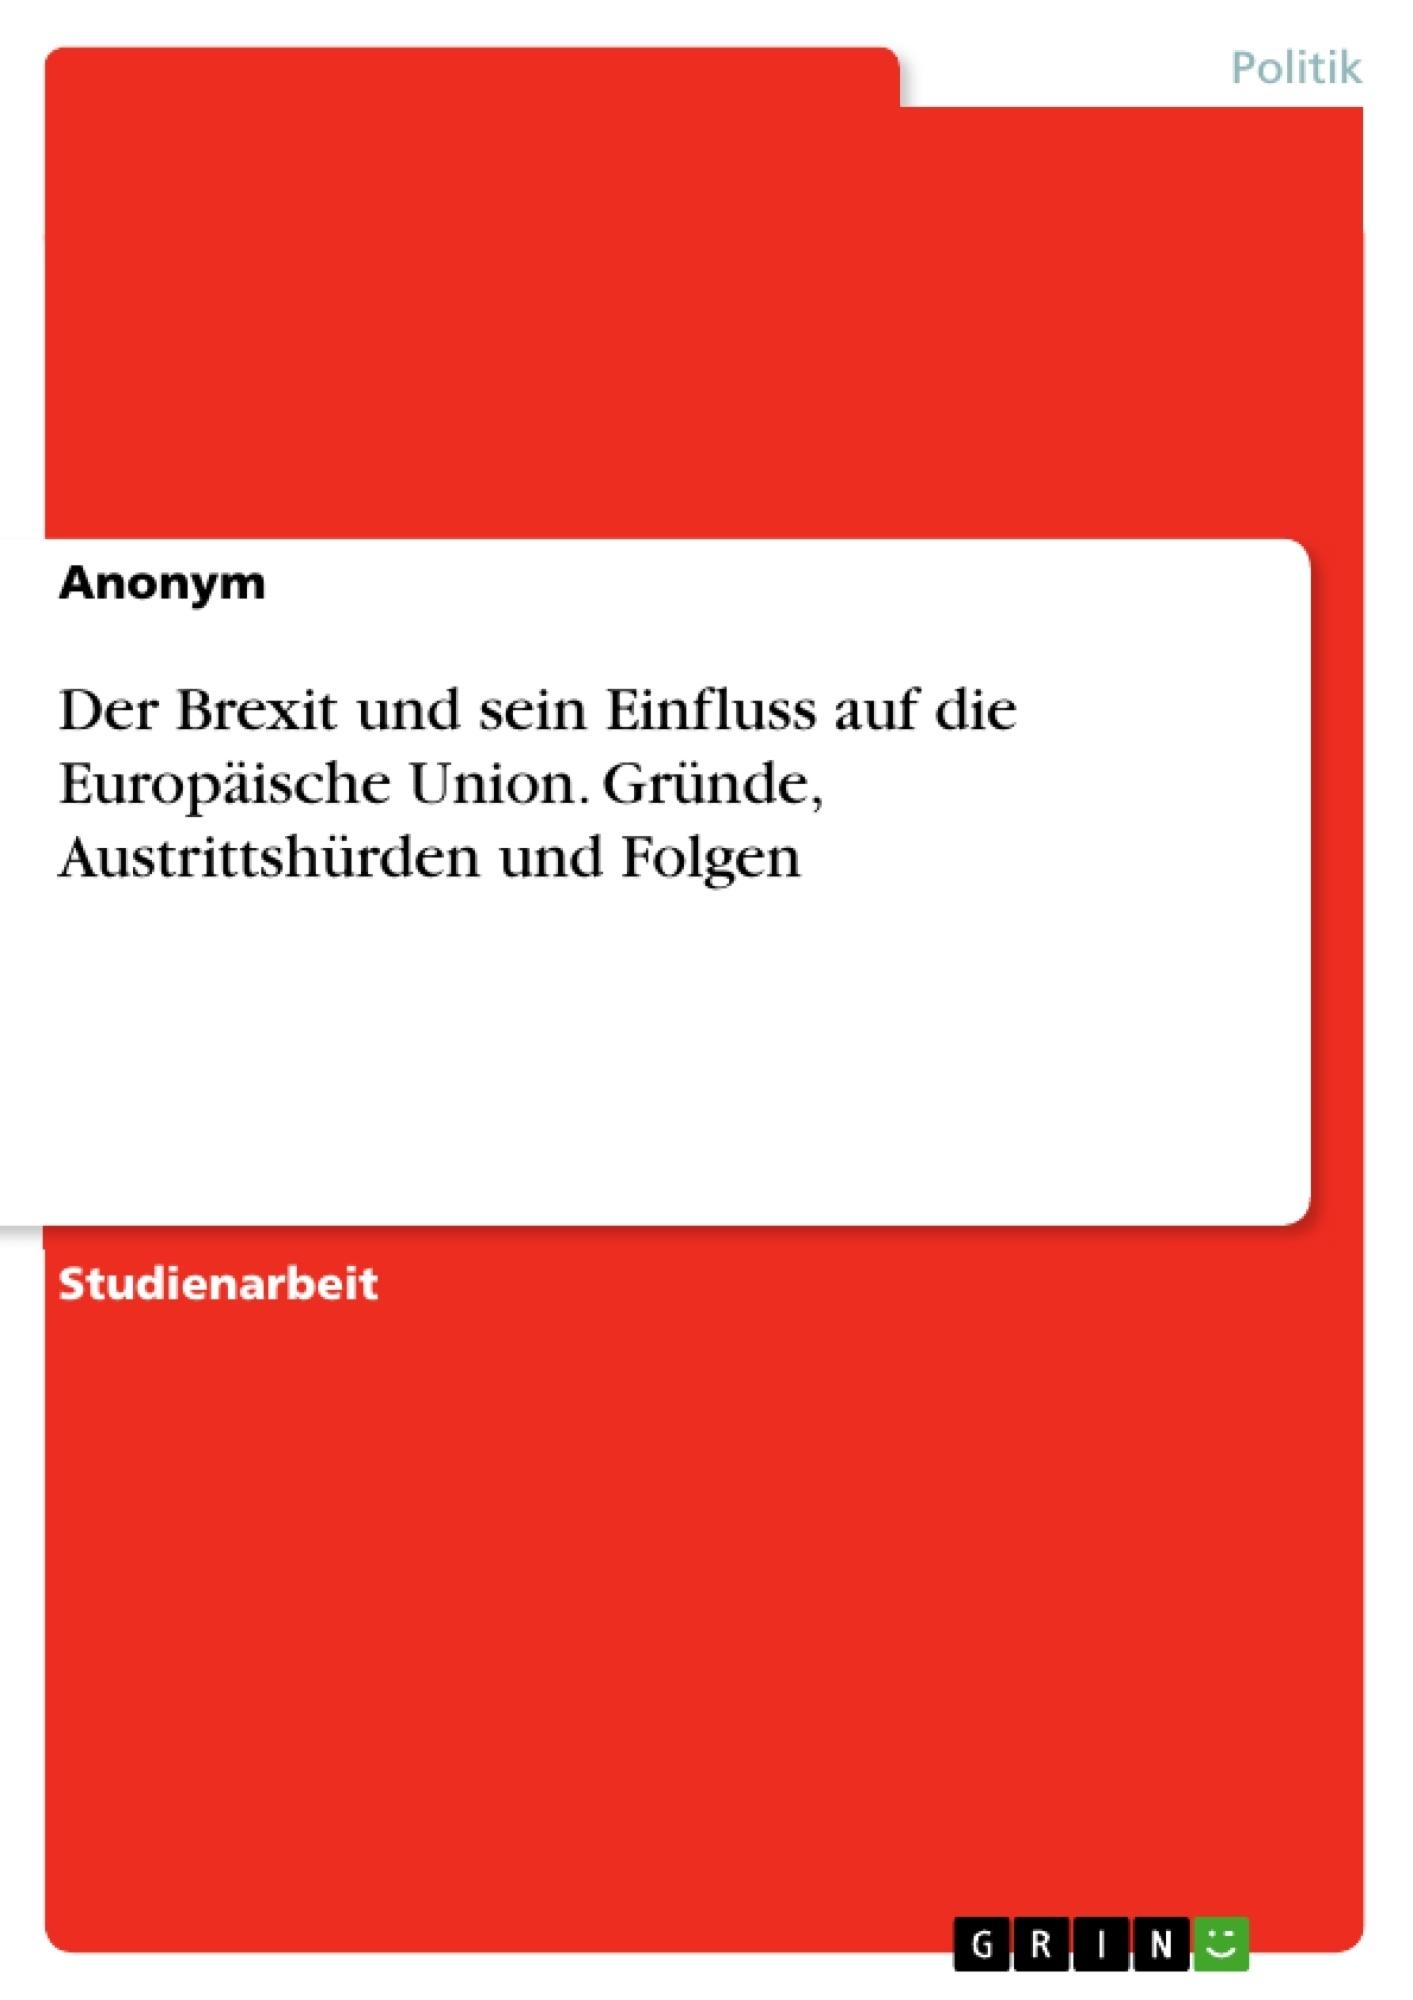 Titel: Der Brexit und sein Einfluss auf die Europäische Union. Gründe, Austrittshürden und Folgen